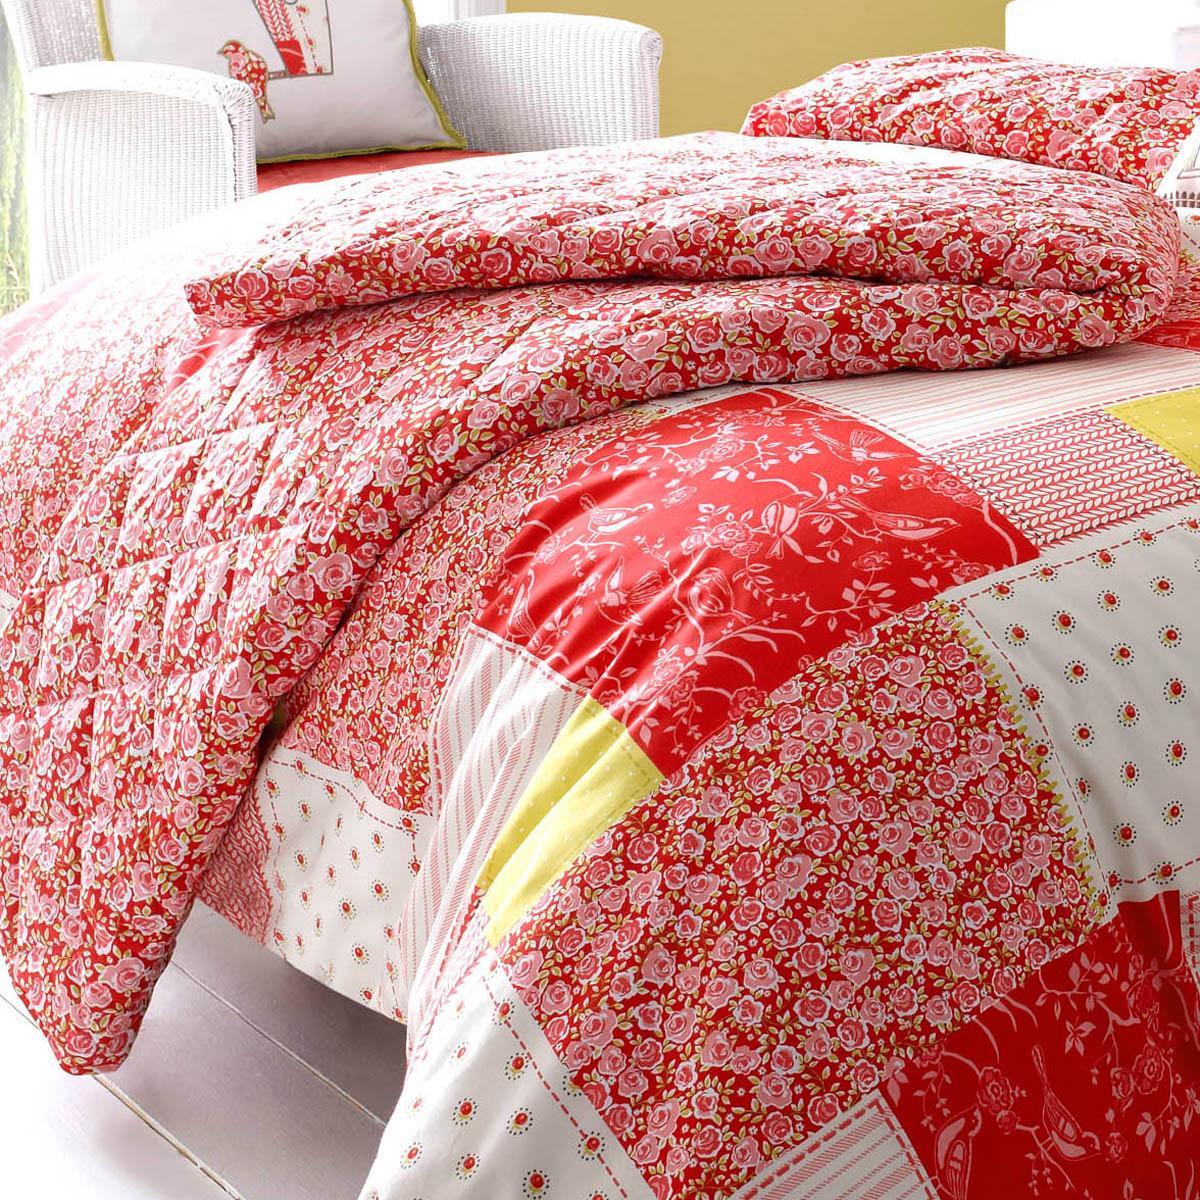 Strawberry Kitchen Curtains Kirstie Allsopp Luella Quilted Bedspread Strawberry Luxury Duvet